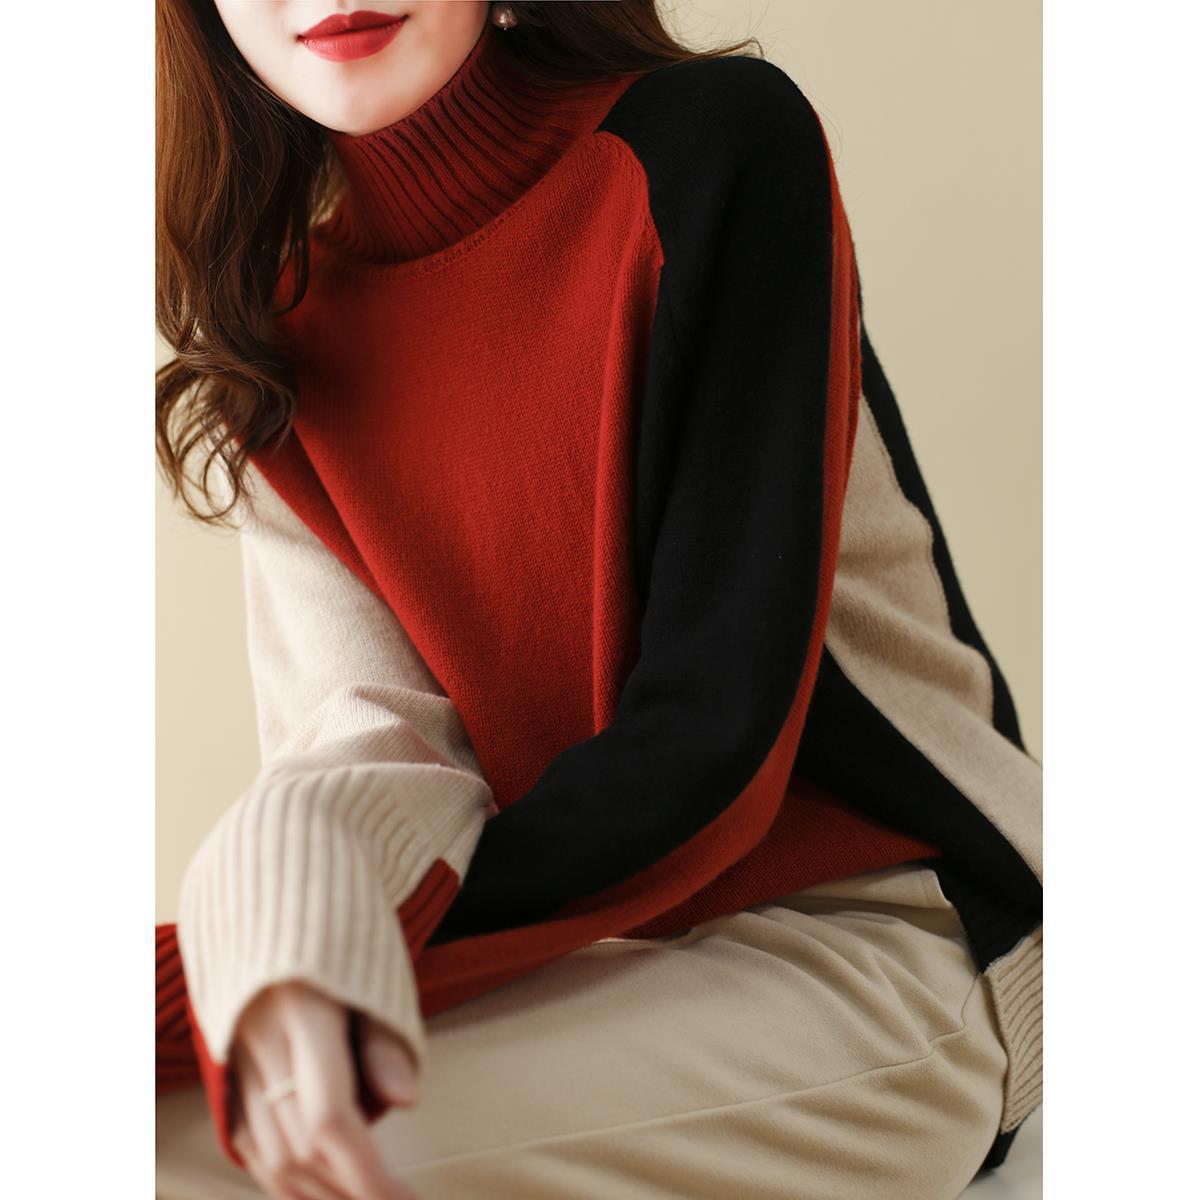 配色長袖シンプルファッションレトロ一般なし一般春秋秋冬ハイネックプルオーバーセーター・カットソー